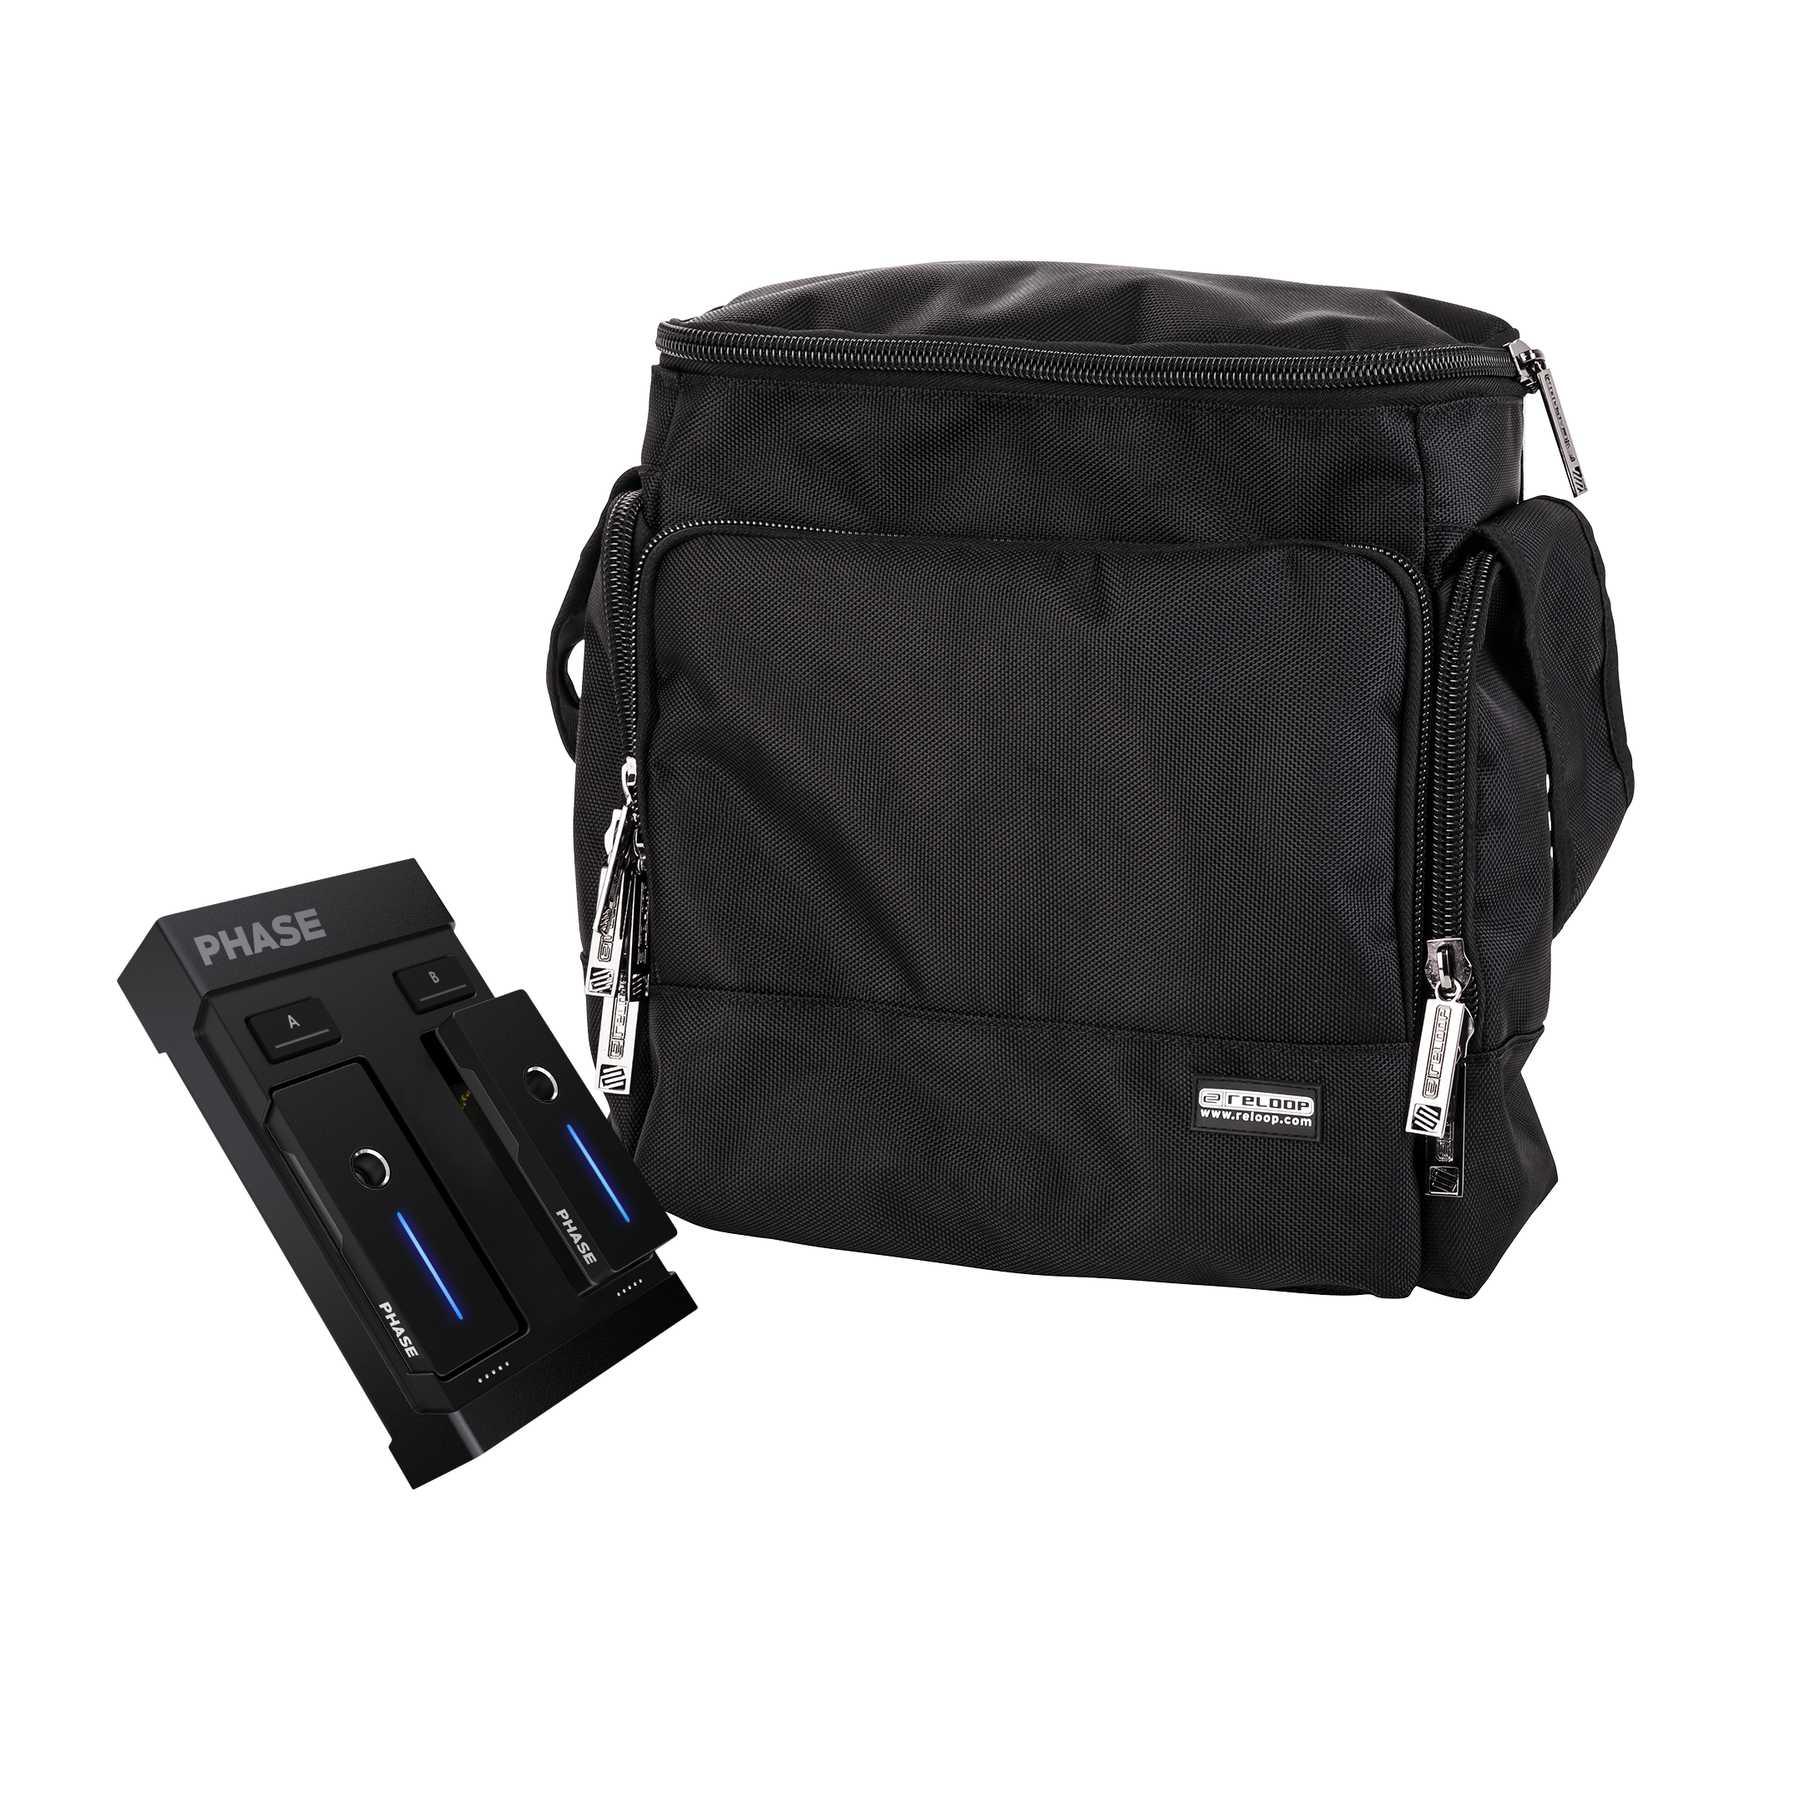 MWM Phase Essential + Reloop Laptop Bag 241630